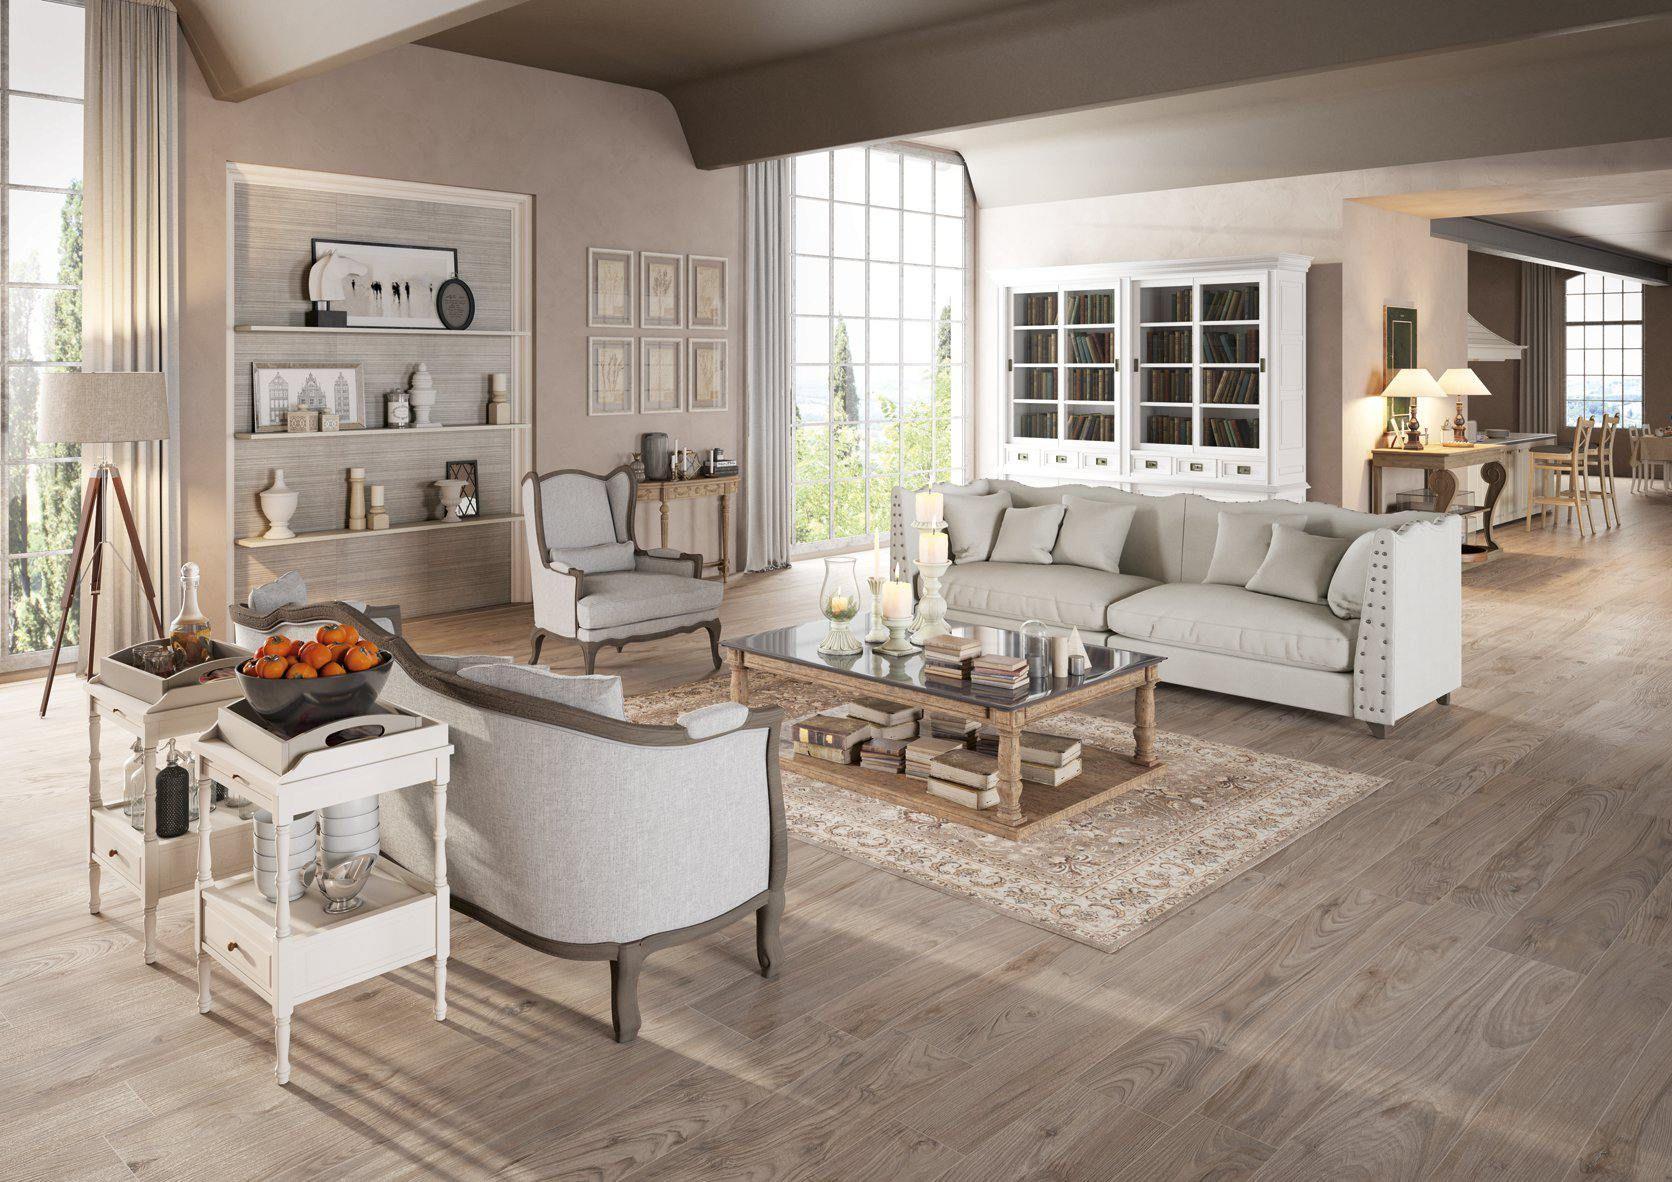 Arredare casa mobili stile country falegnameria frad for Arredare casa in stile country